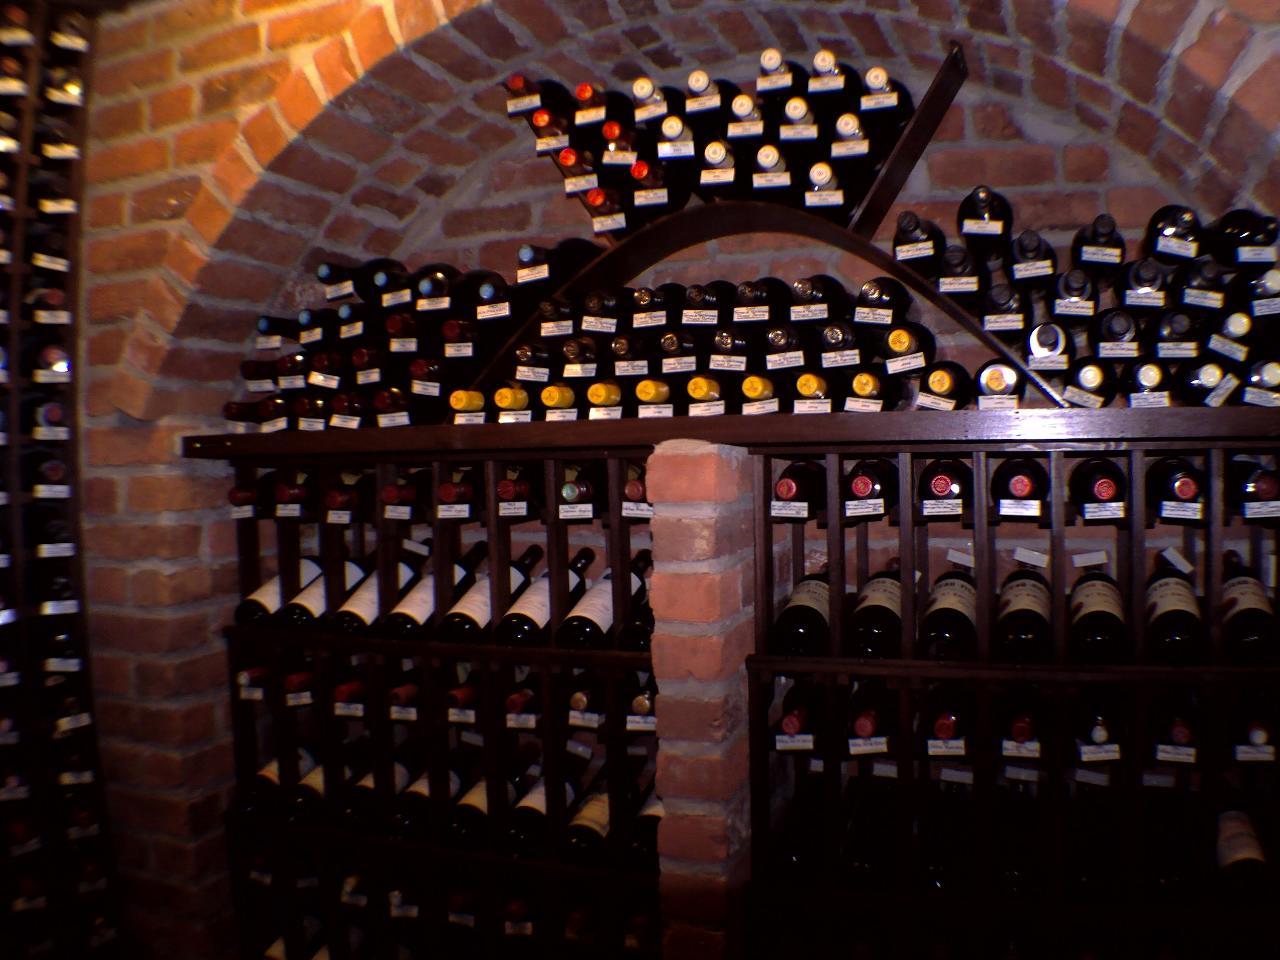 D couvrez tous les atouts de la cave vin avec - Cave vin conservation ...